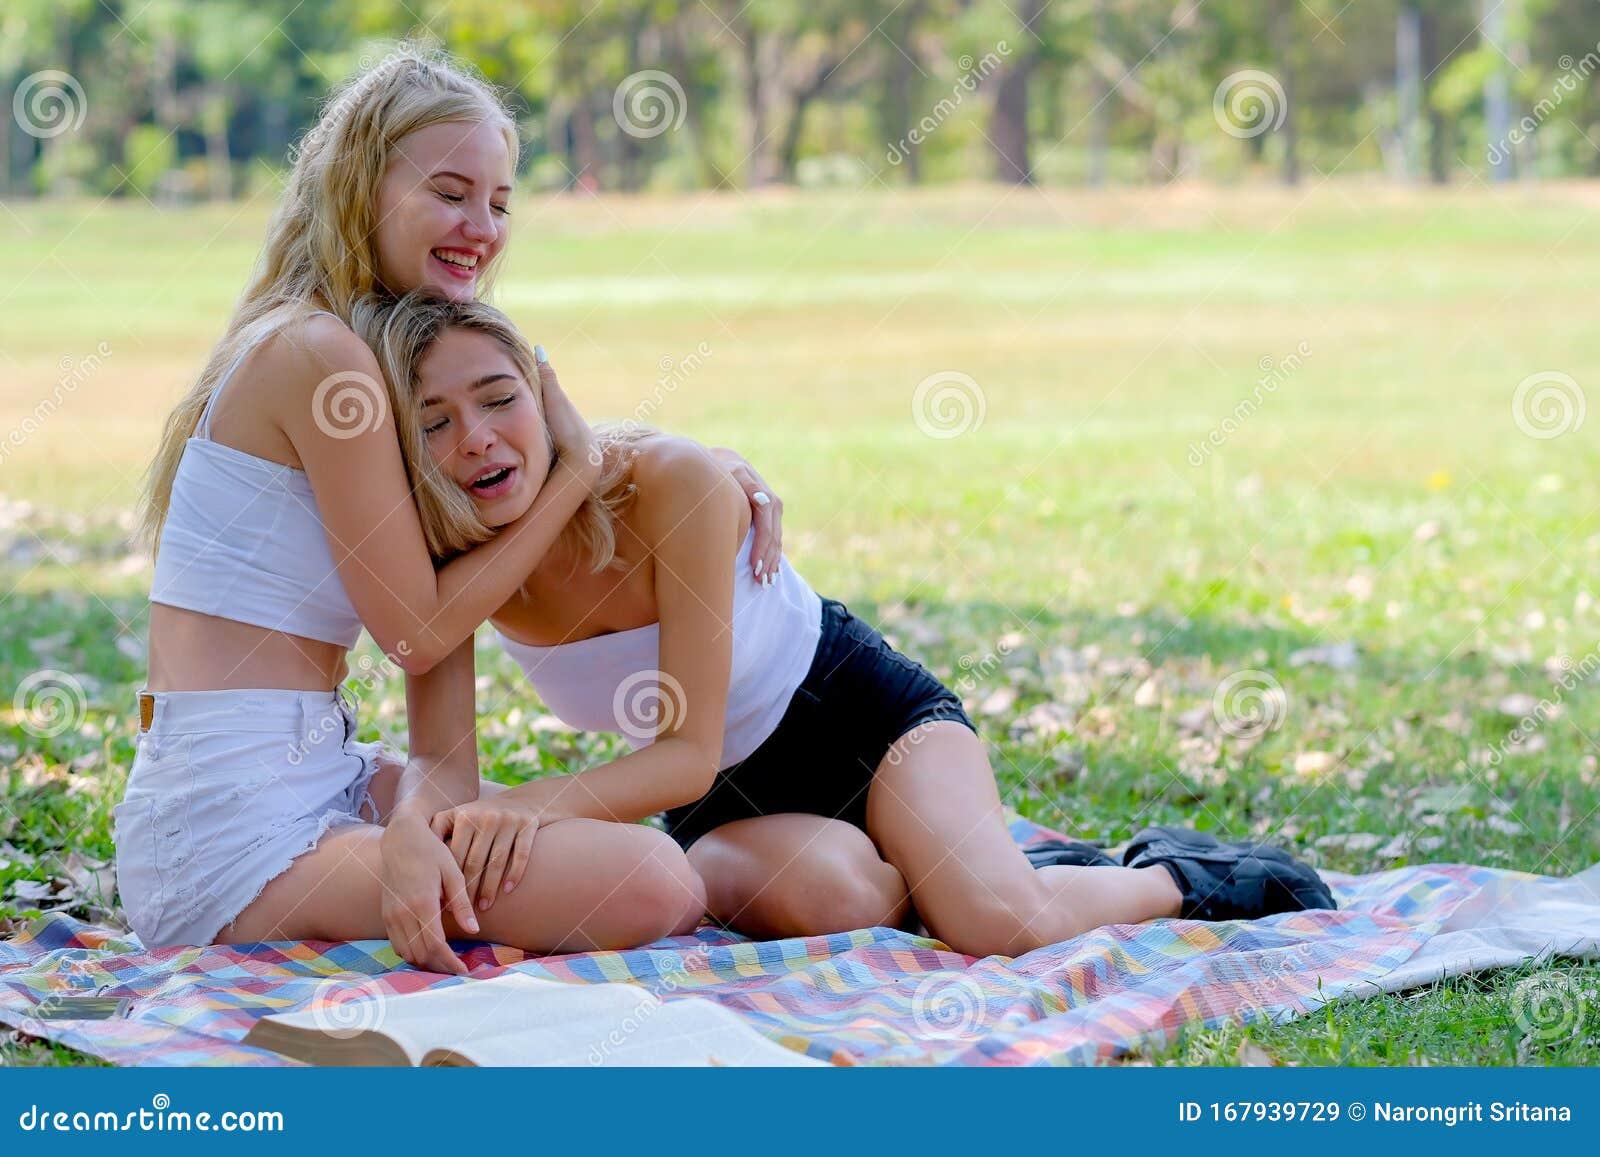 Bilder geile teenager Intimbehaarung: Zurück